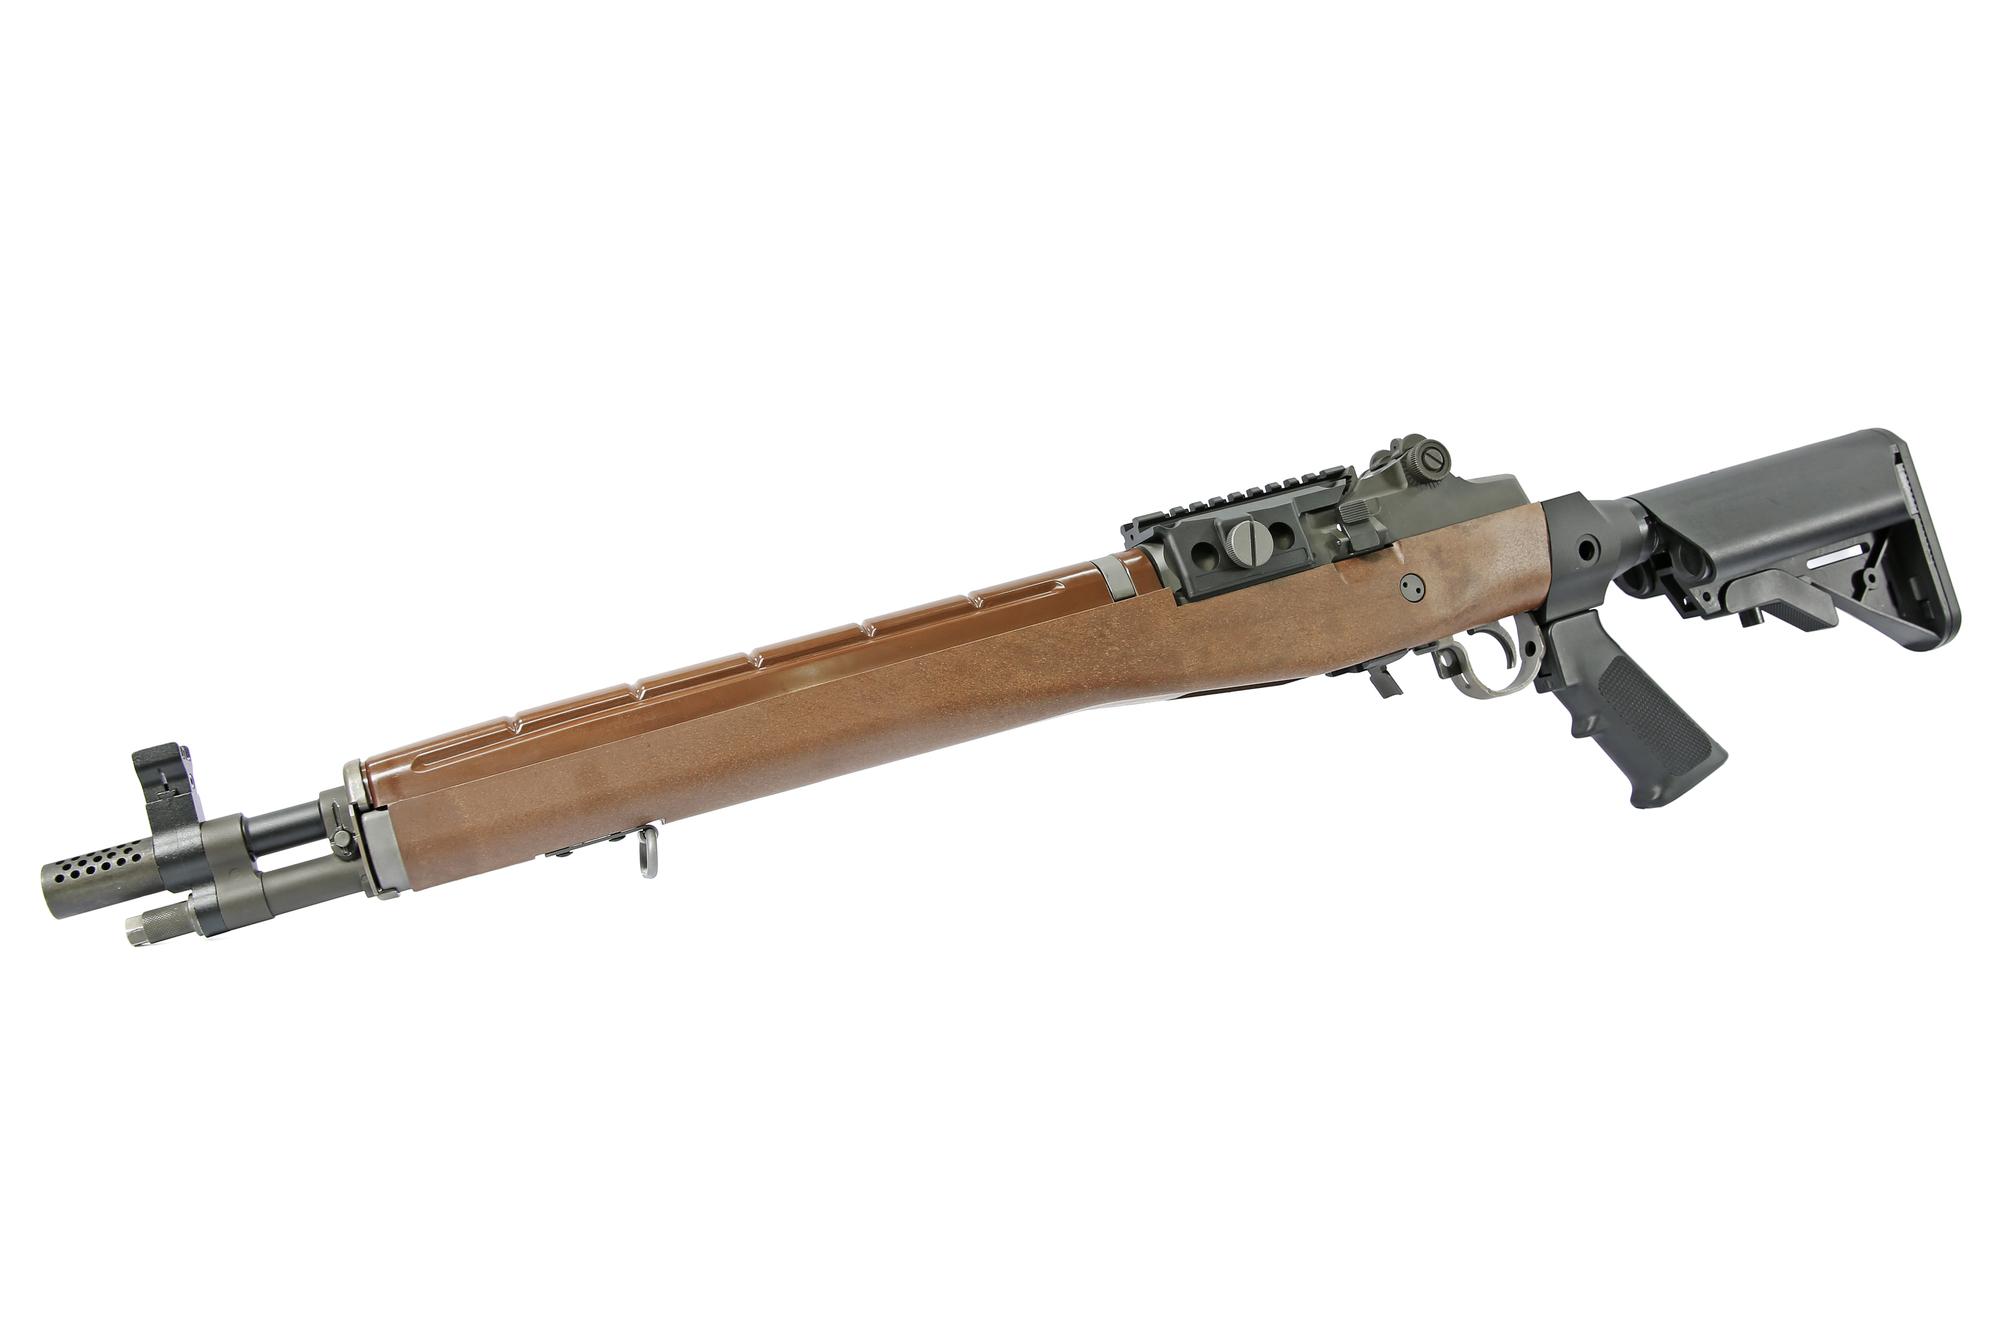 【LV3カスタム】WE M14 GBB SFAマーキング(スチールアッパーレシーバー/ウッドストック) 2017Ver.